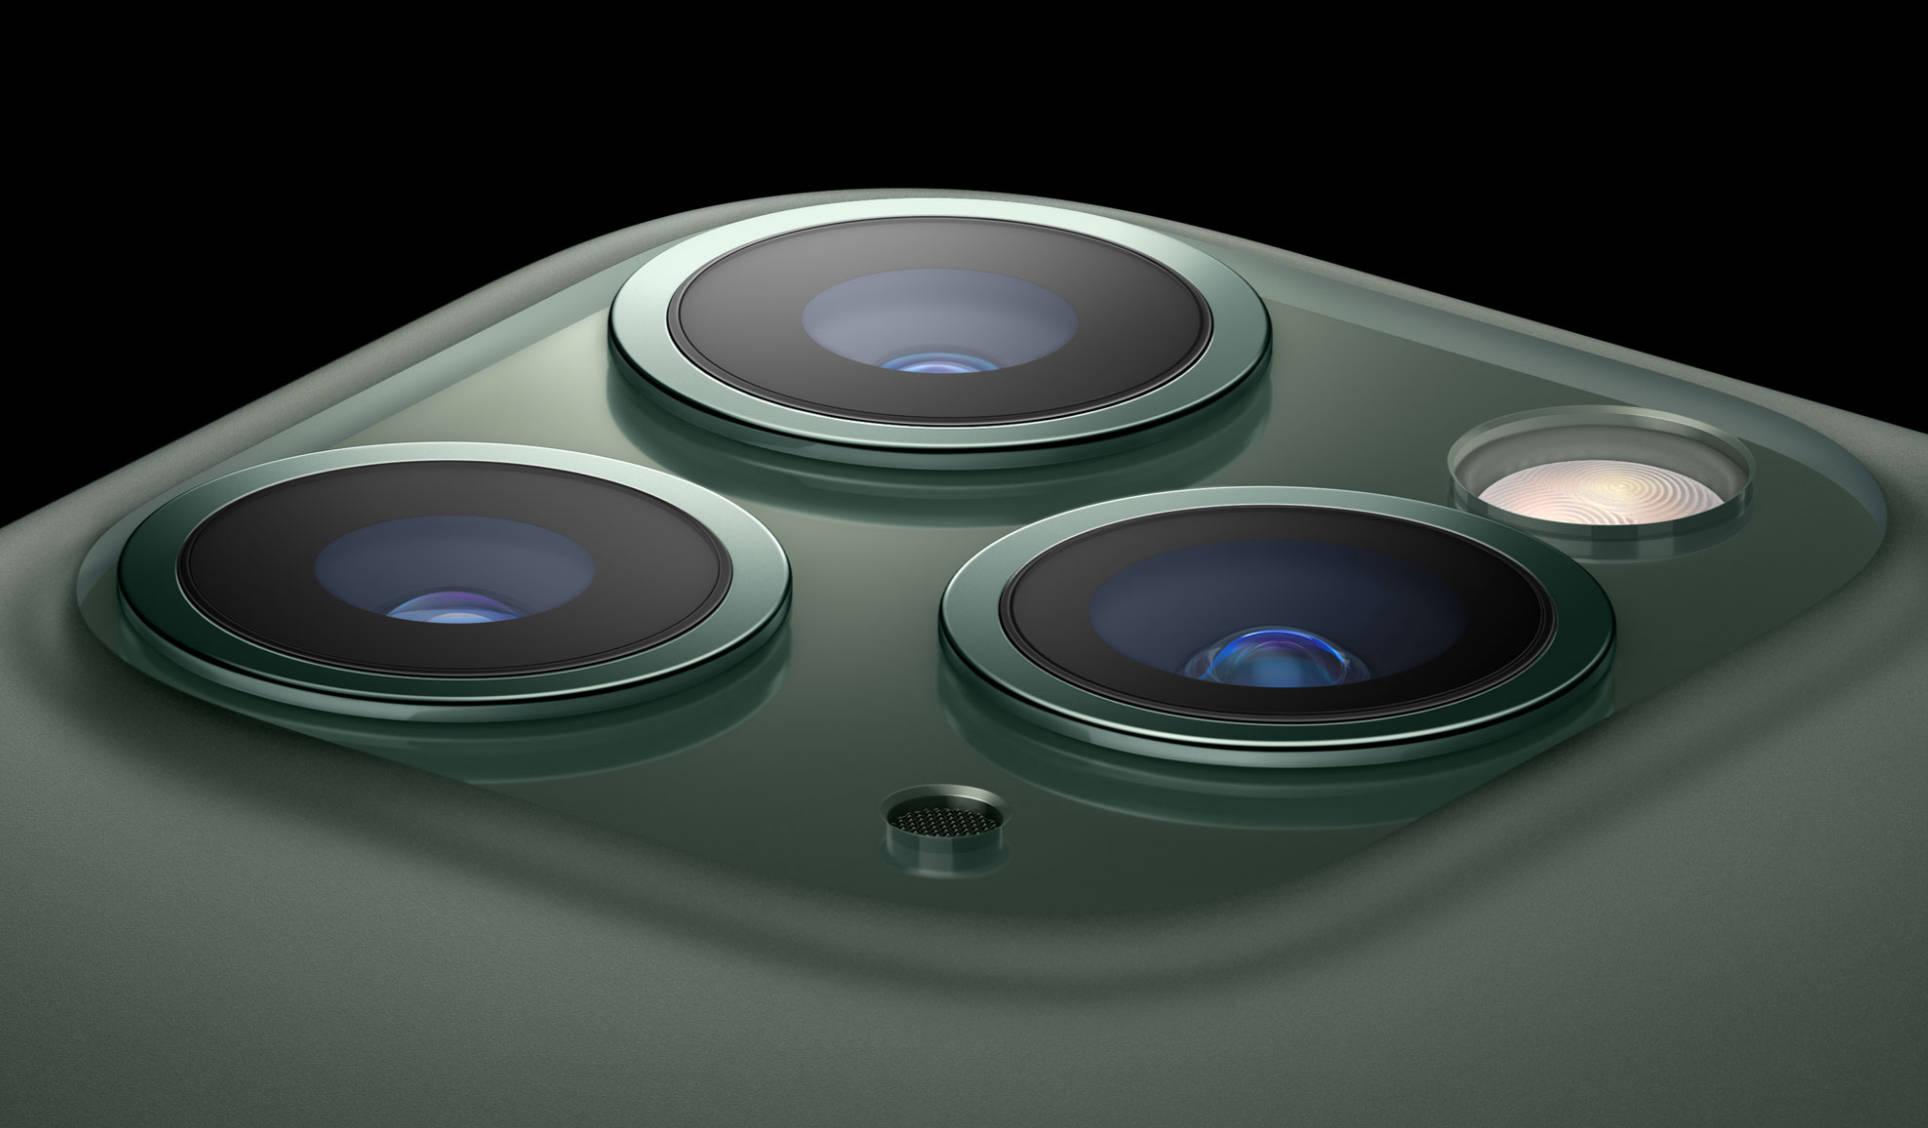 Apple iPhone 12 Pro Max plotki przecieki wycieki dane techniczne 5G specyfikacja